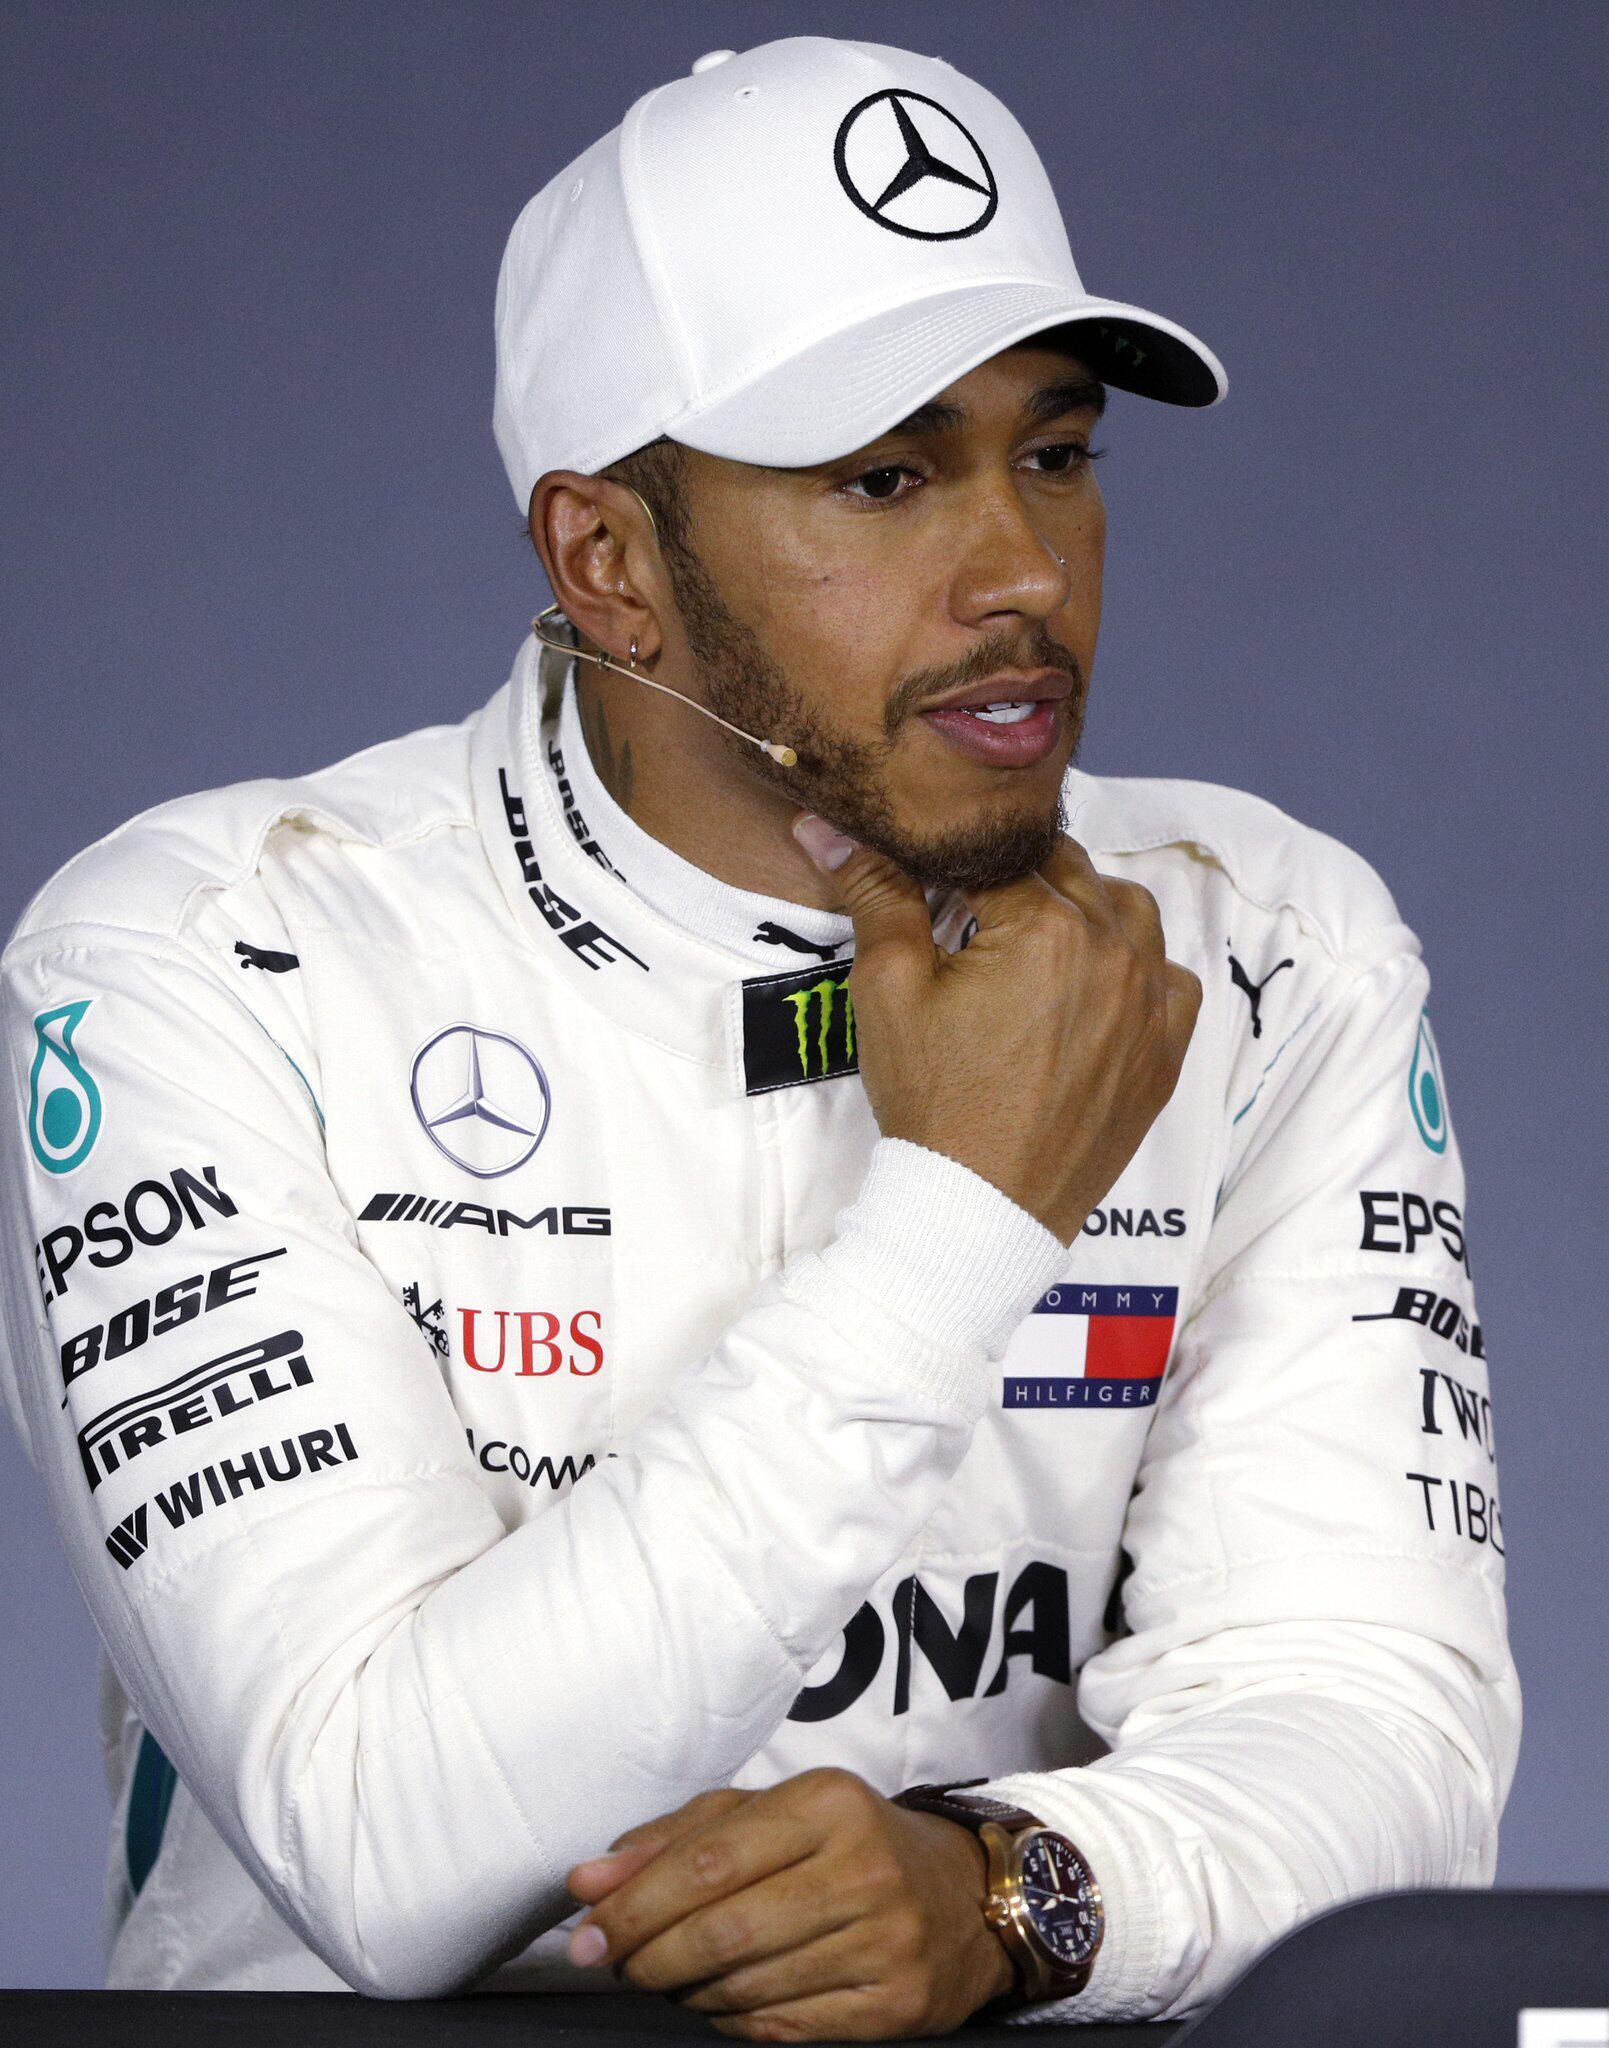 Bild zu Formel 1 - GP von Australien